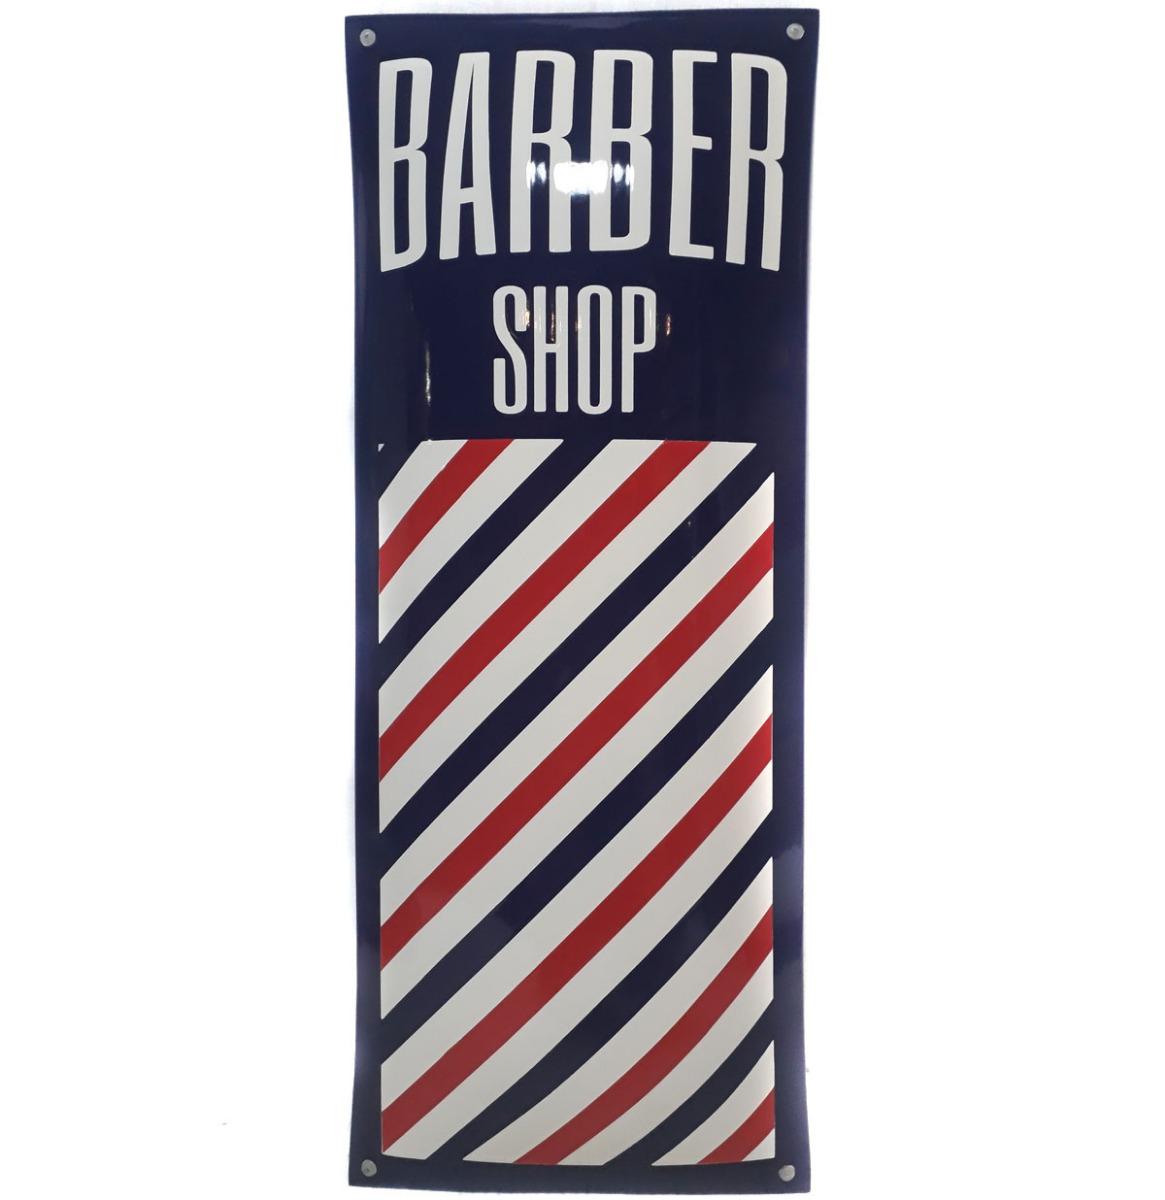 Barber Shop Hoge Kwaliteit Emaille Bord